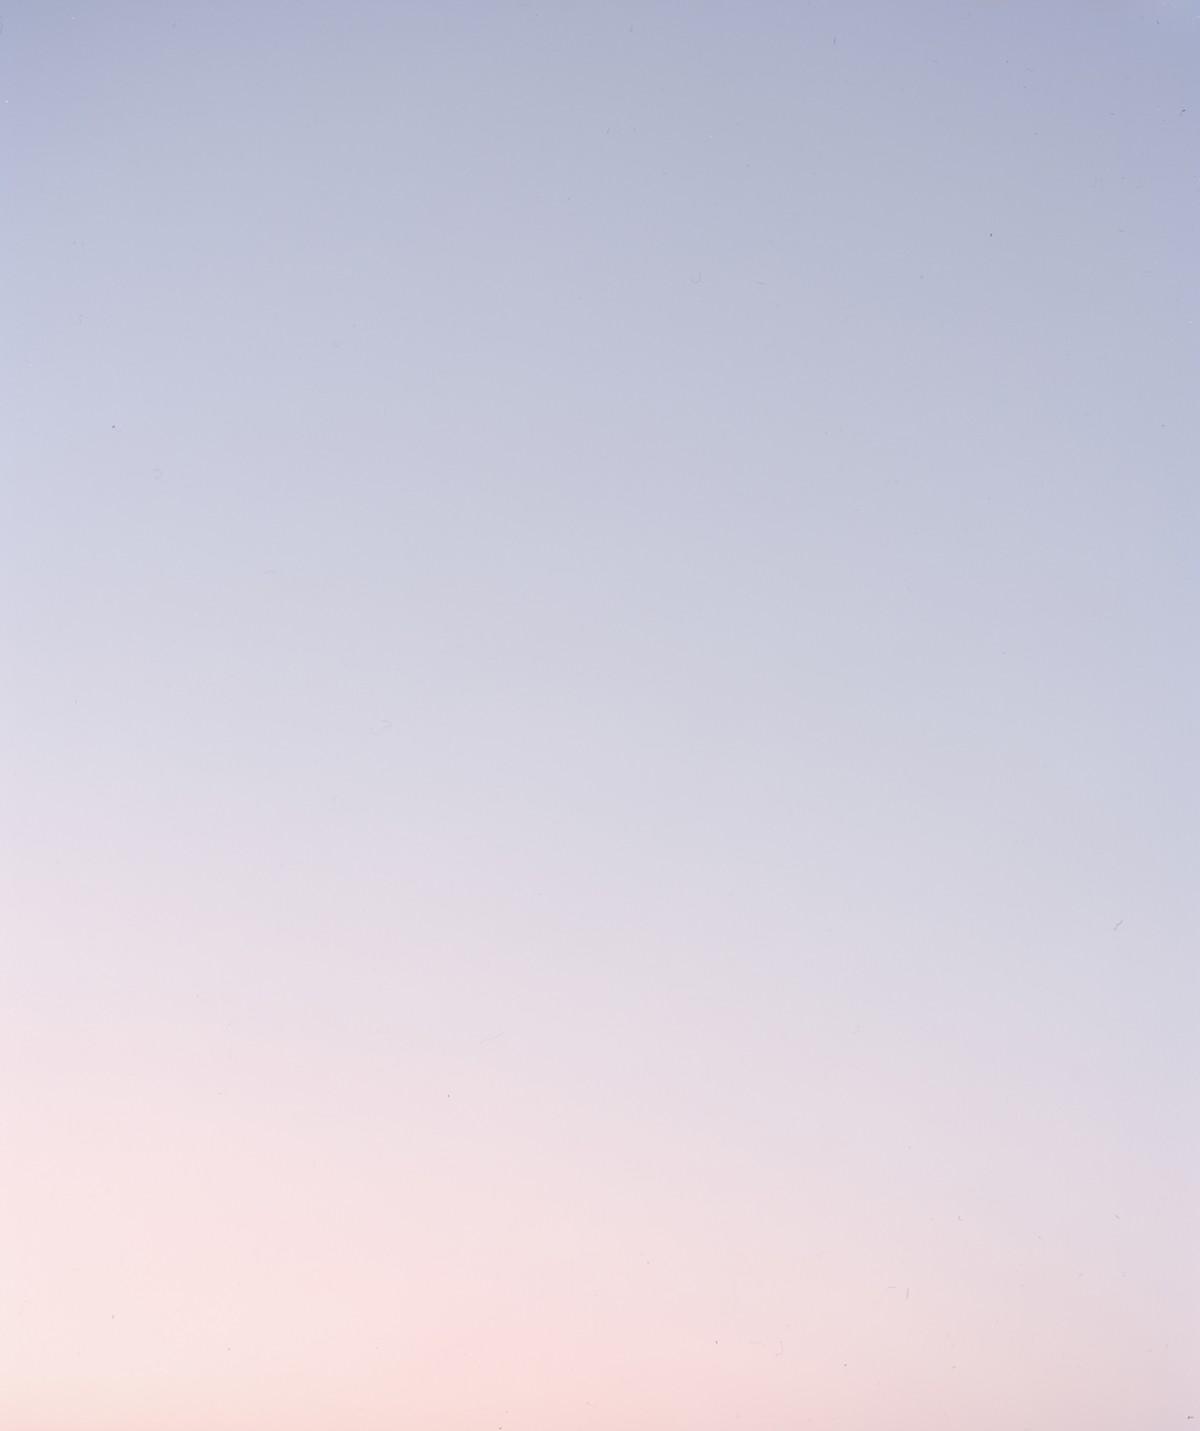 sunset3-1b7b07251990e1c5e667e1754c96ac00